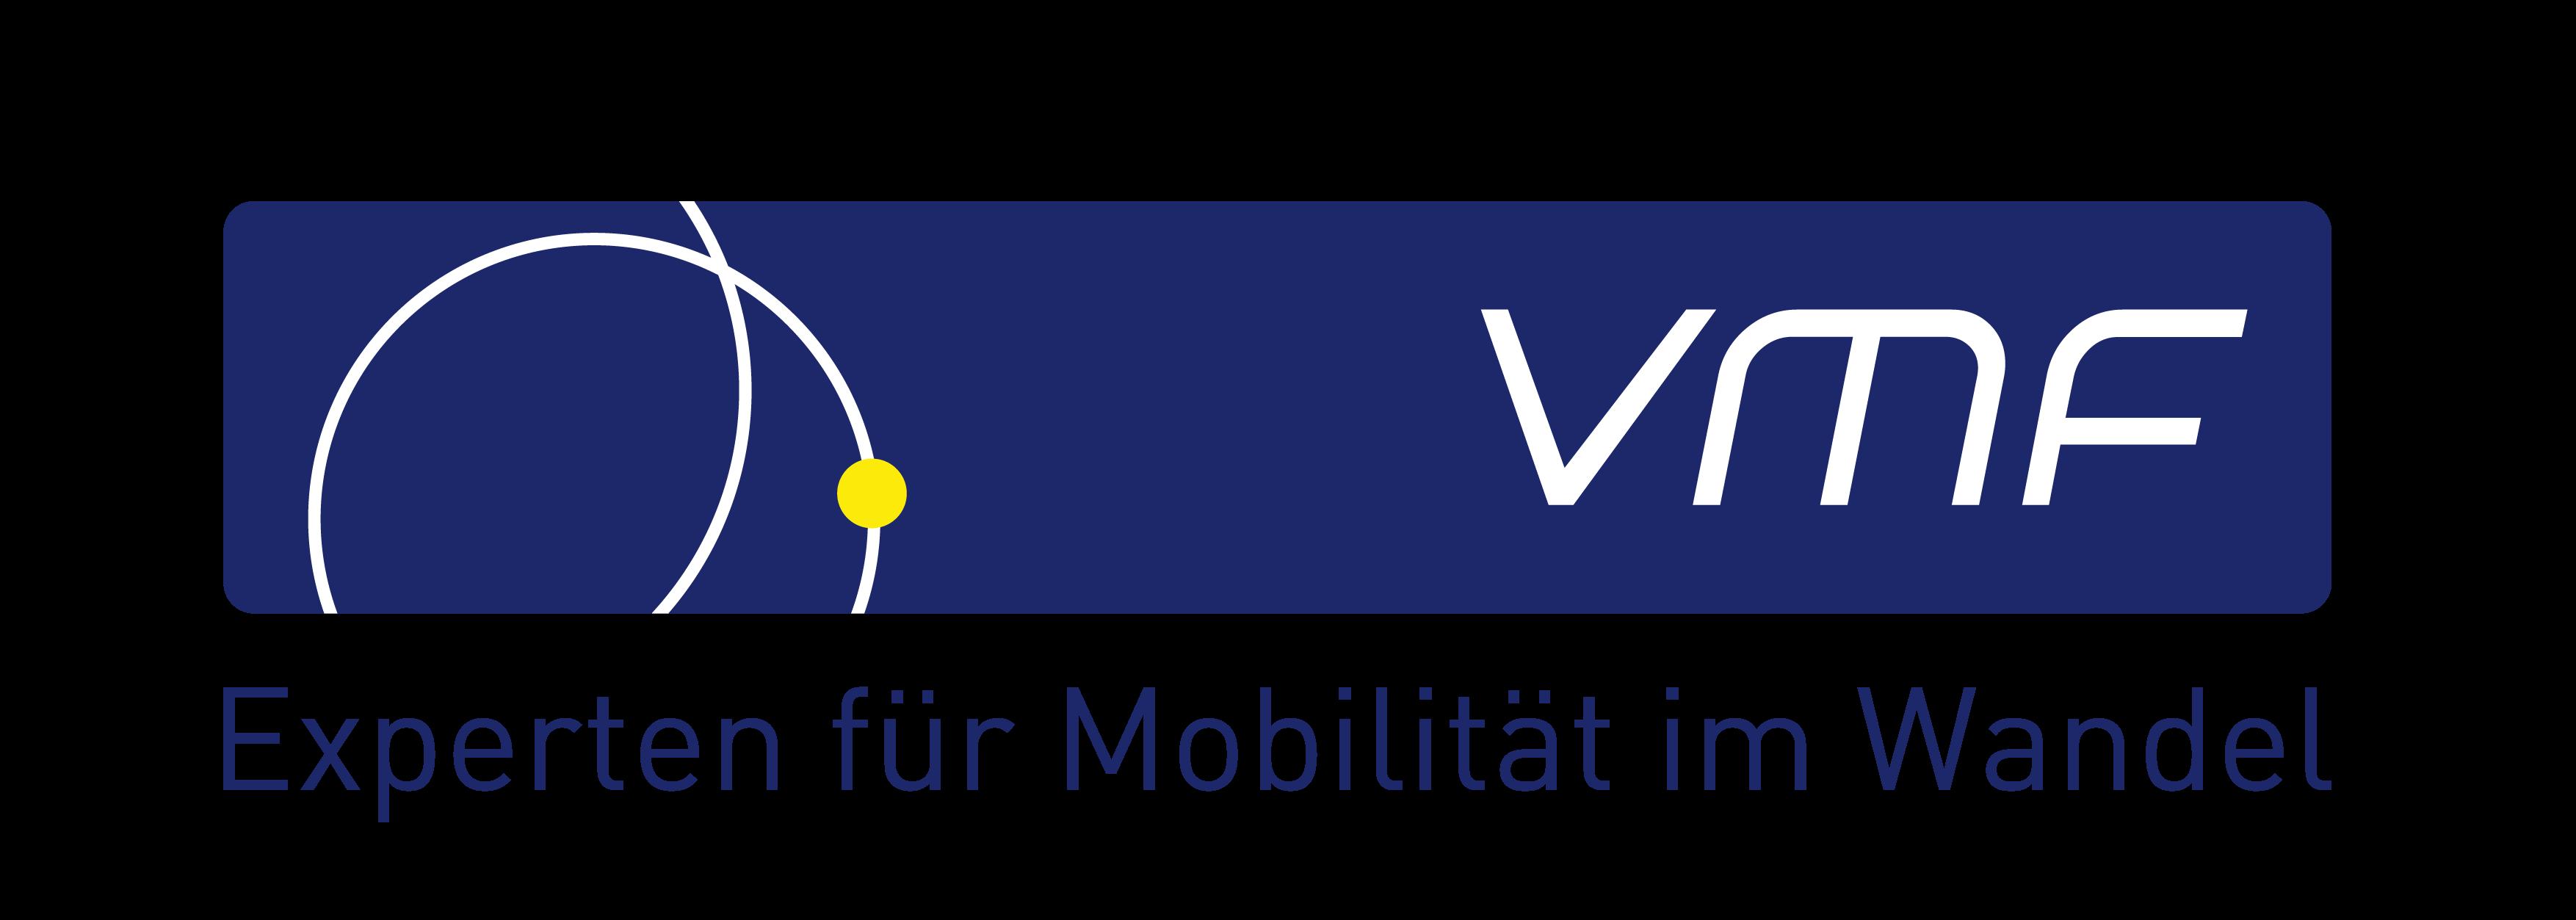 VMF Verband für Mobilität und Fuhrparkmanagement